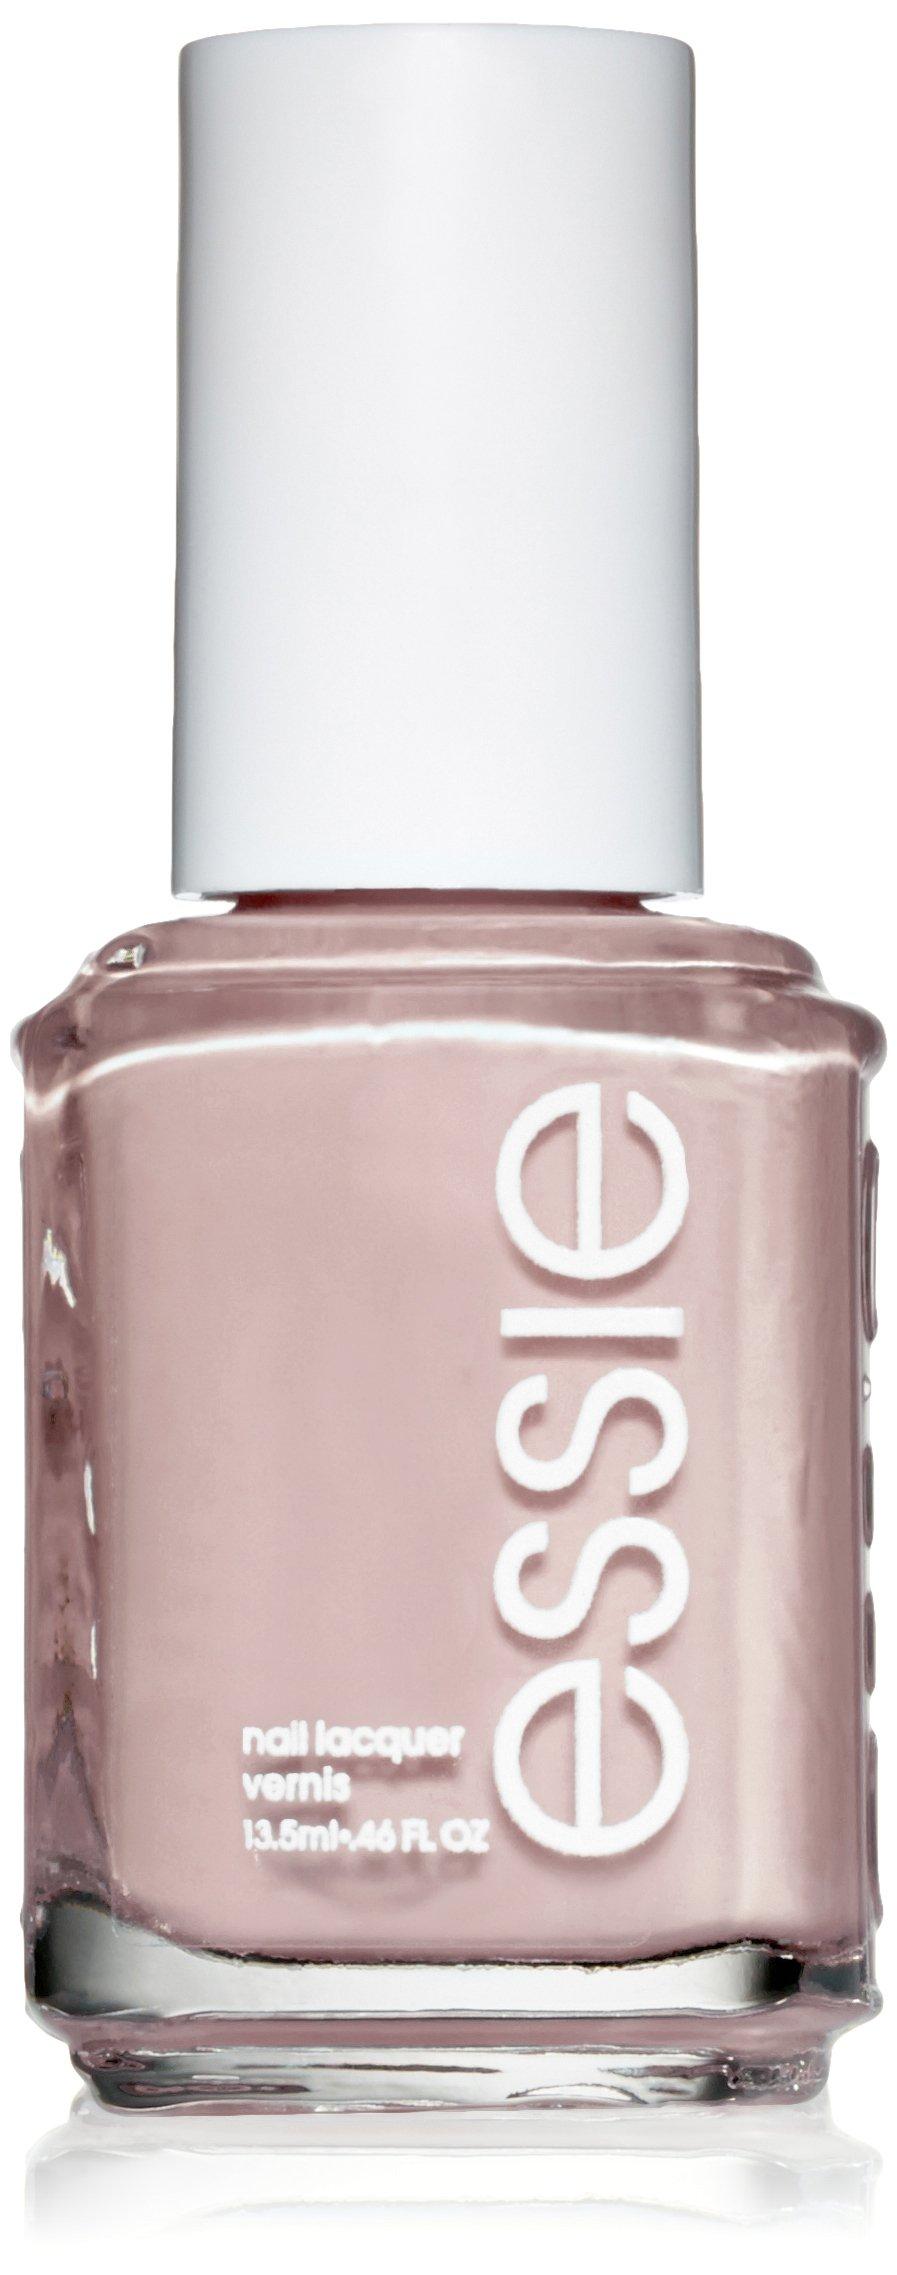 Amazon.com : essie nail polish, marshmallow, sheer white nail polish ...